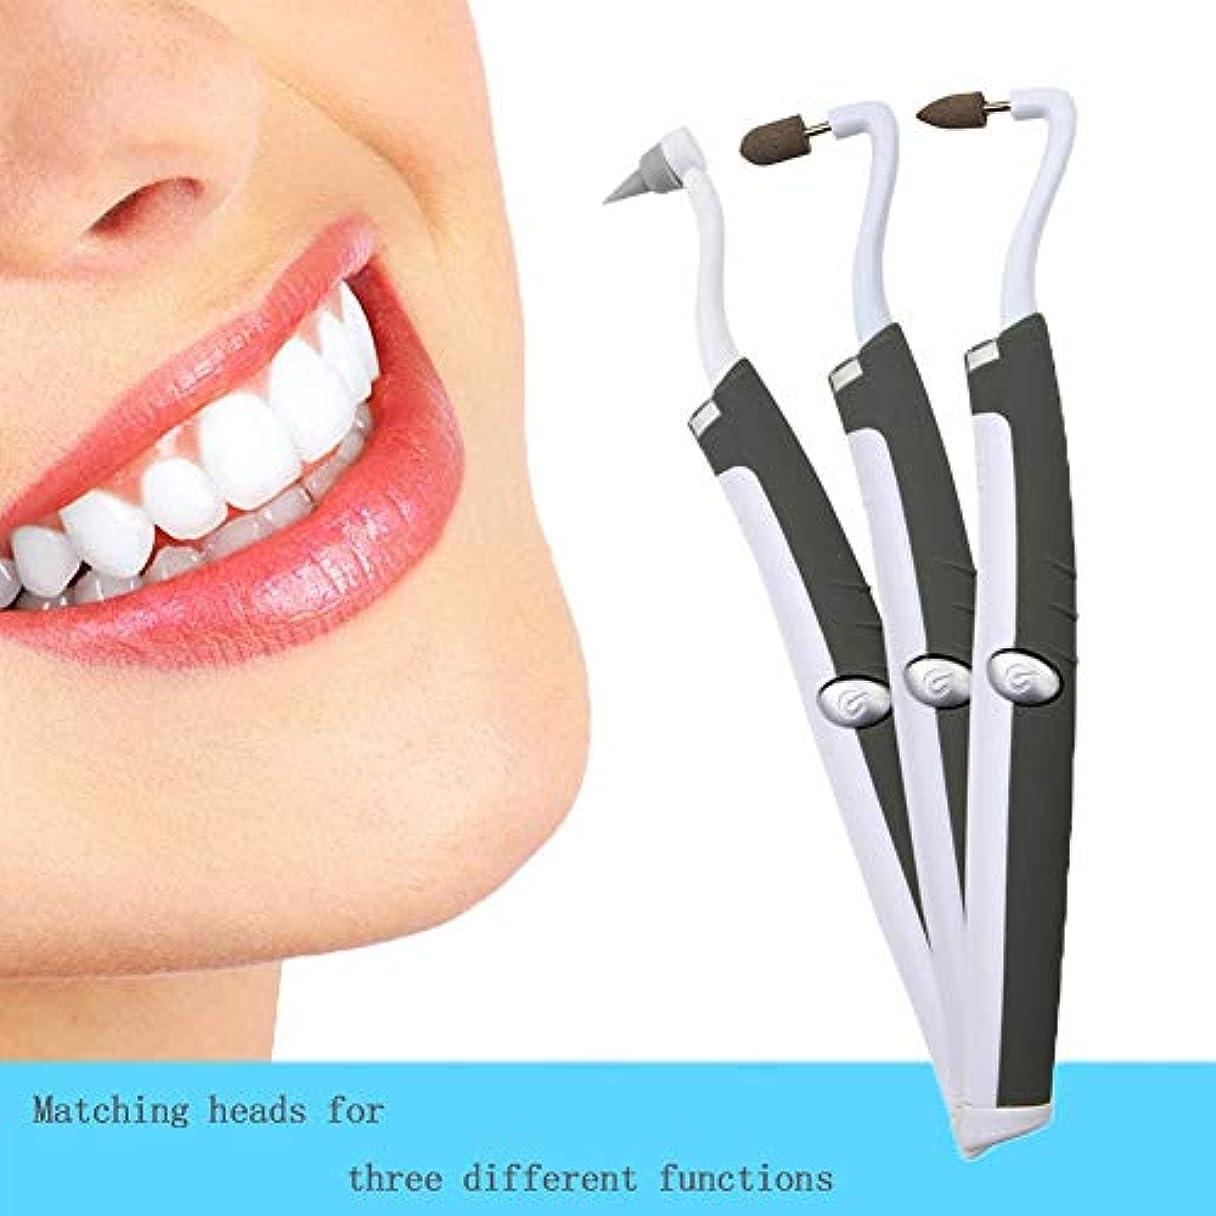 予約どう?内陸歯石除去剤-変色を取り除き、歯を白くする歯石除去剤歯石が歯を除去しますポーランドのスリップが歯垢の汚れを防ぎます(3頭)